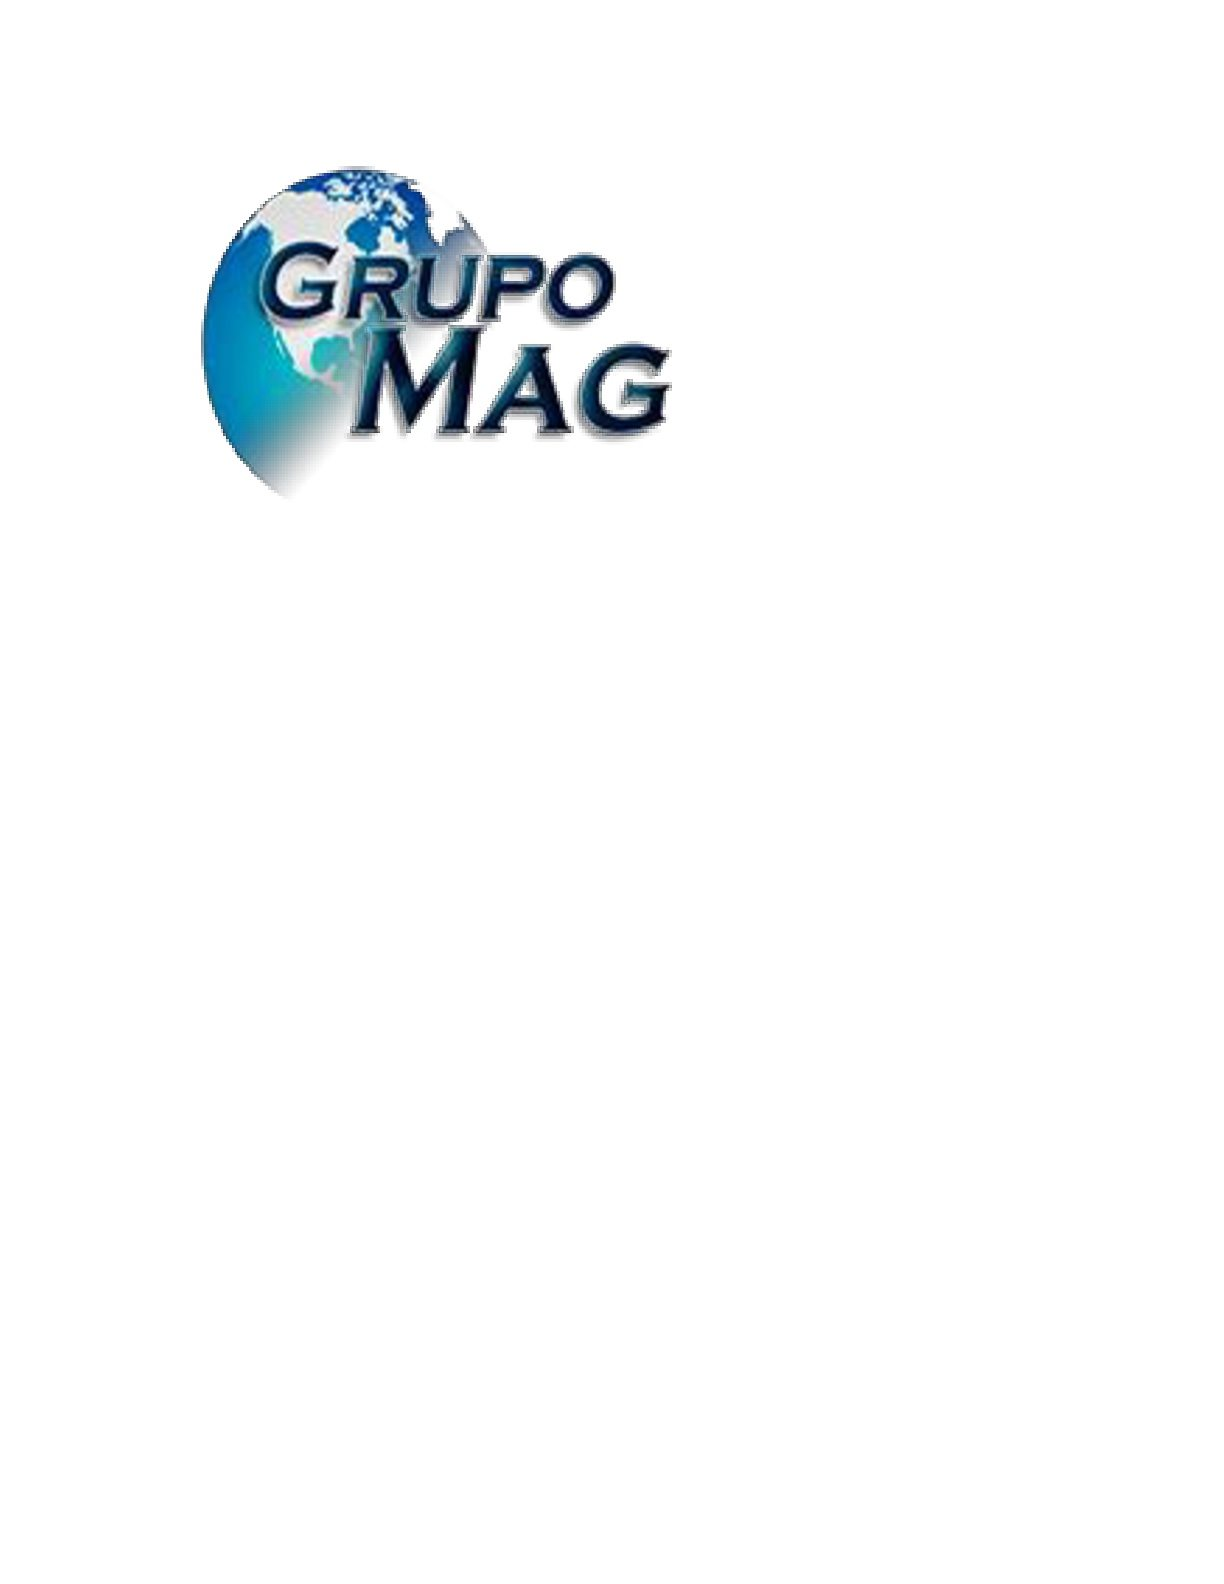 GRUPO MAG SAS